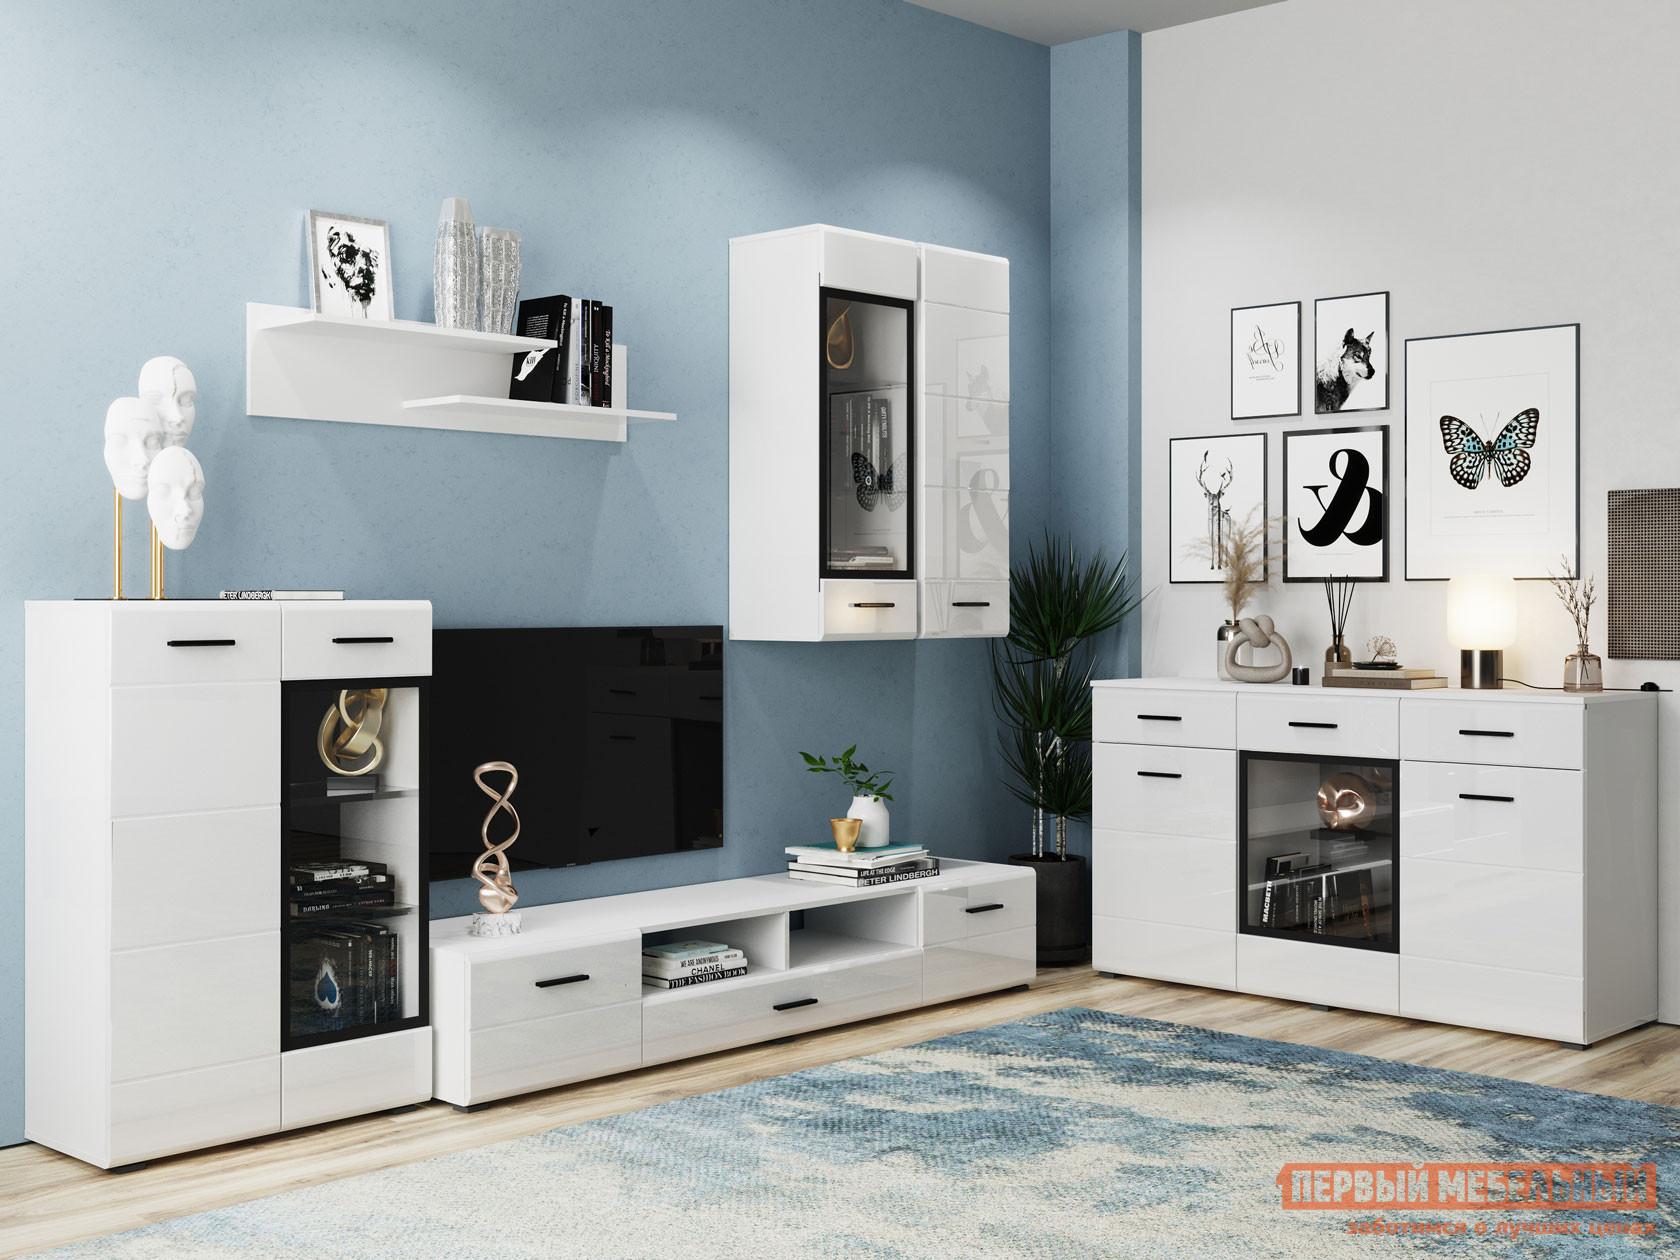 Гостиная НК-Мебель Комплект мебели GLOSS для гостиной №2 спальный гарнитур нк мебель комплект мебели для спальни тиберия к2